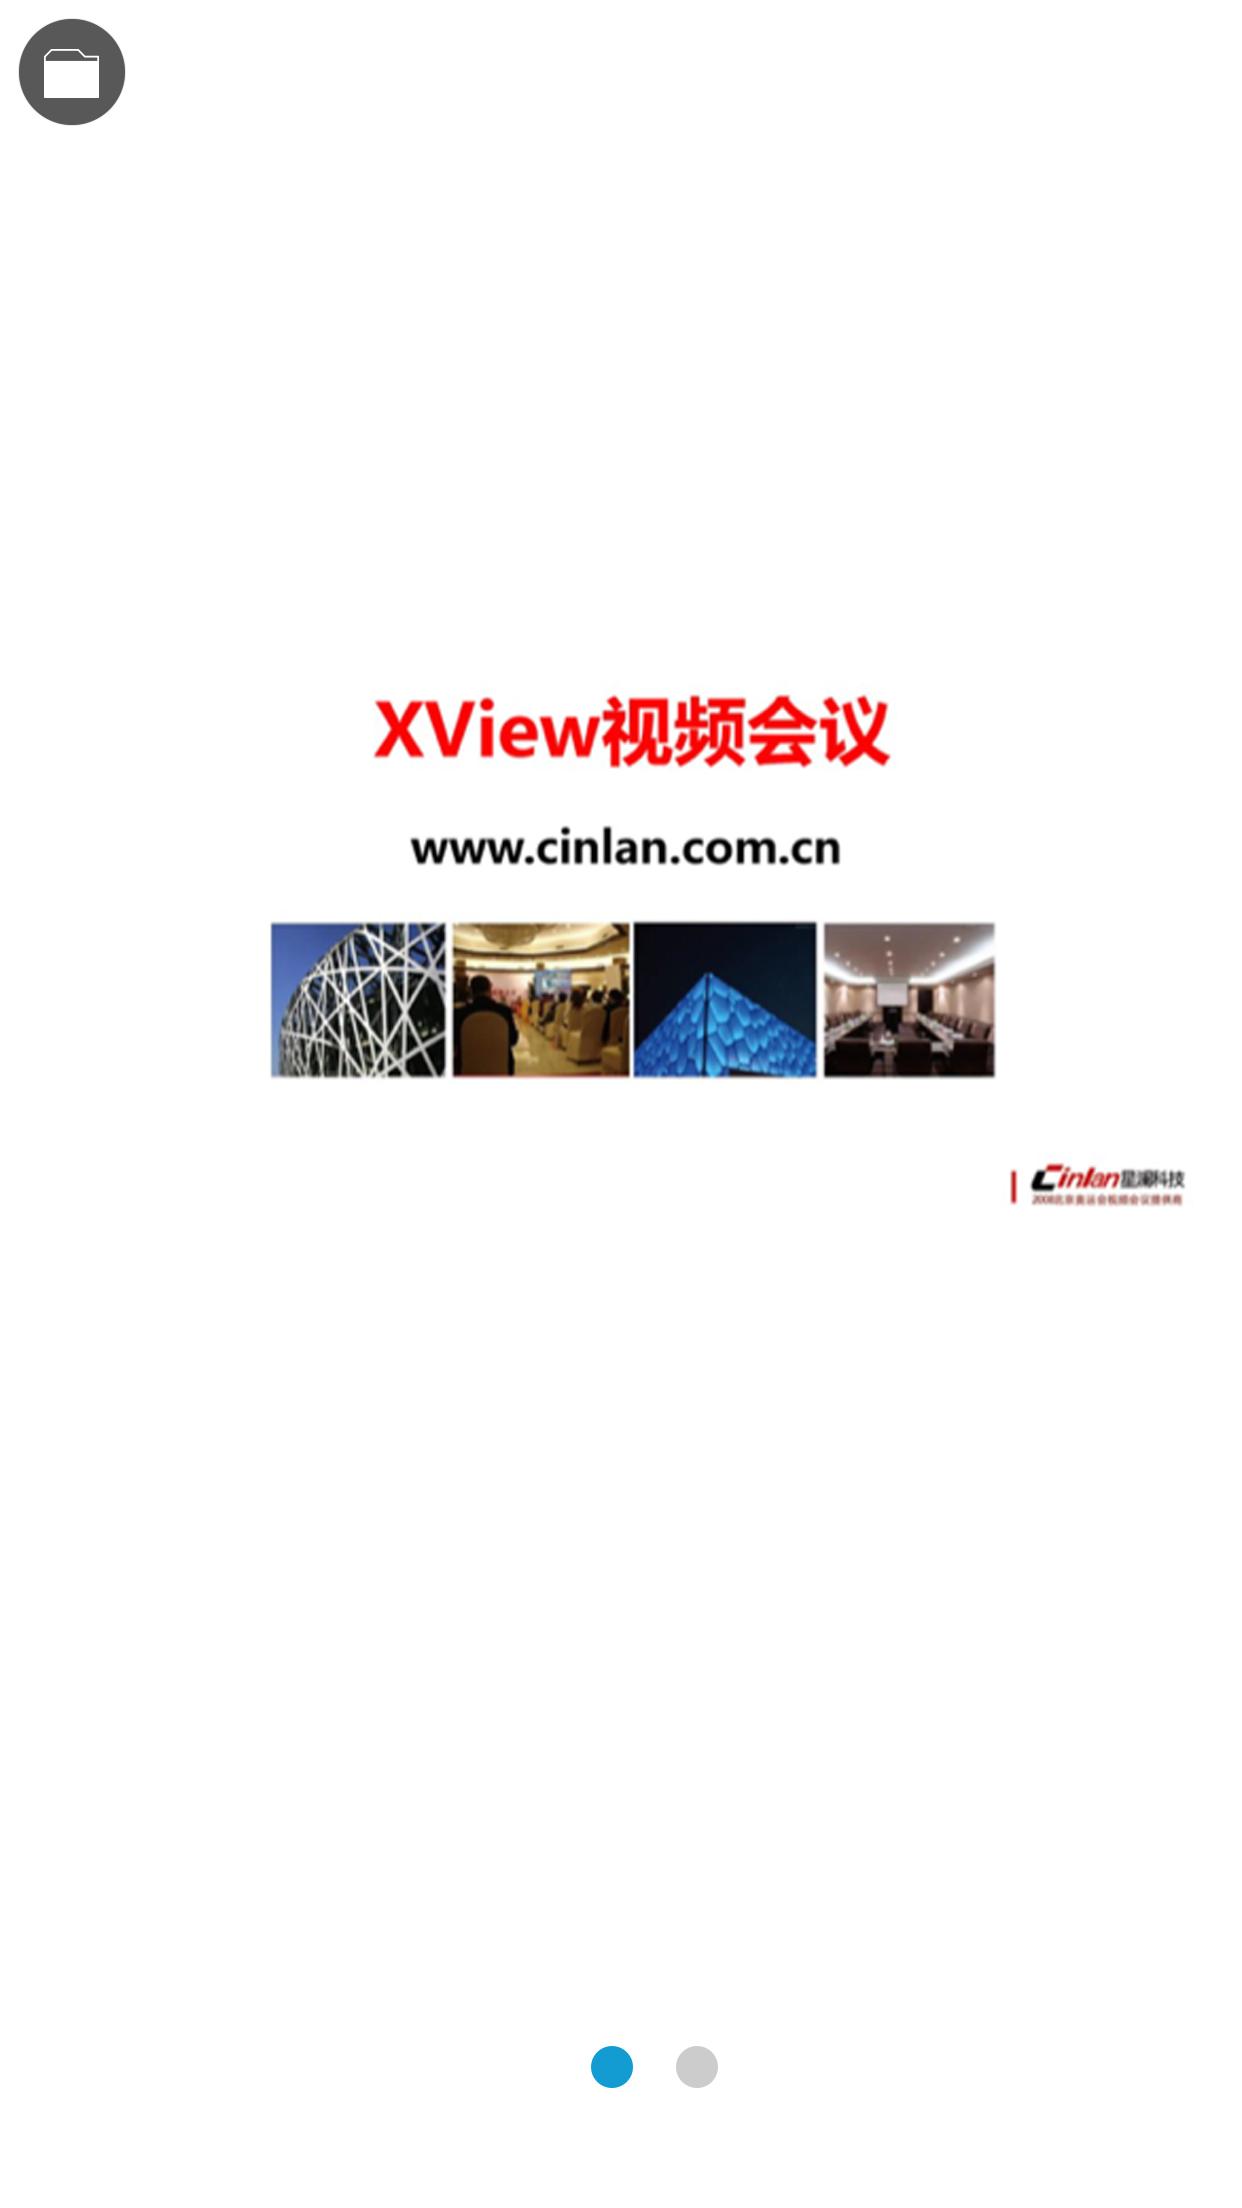 XView视频会议